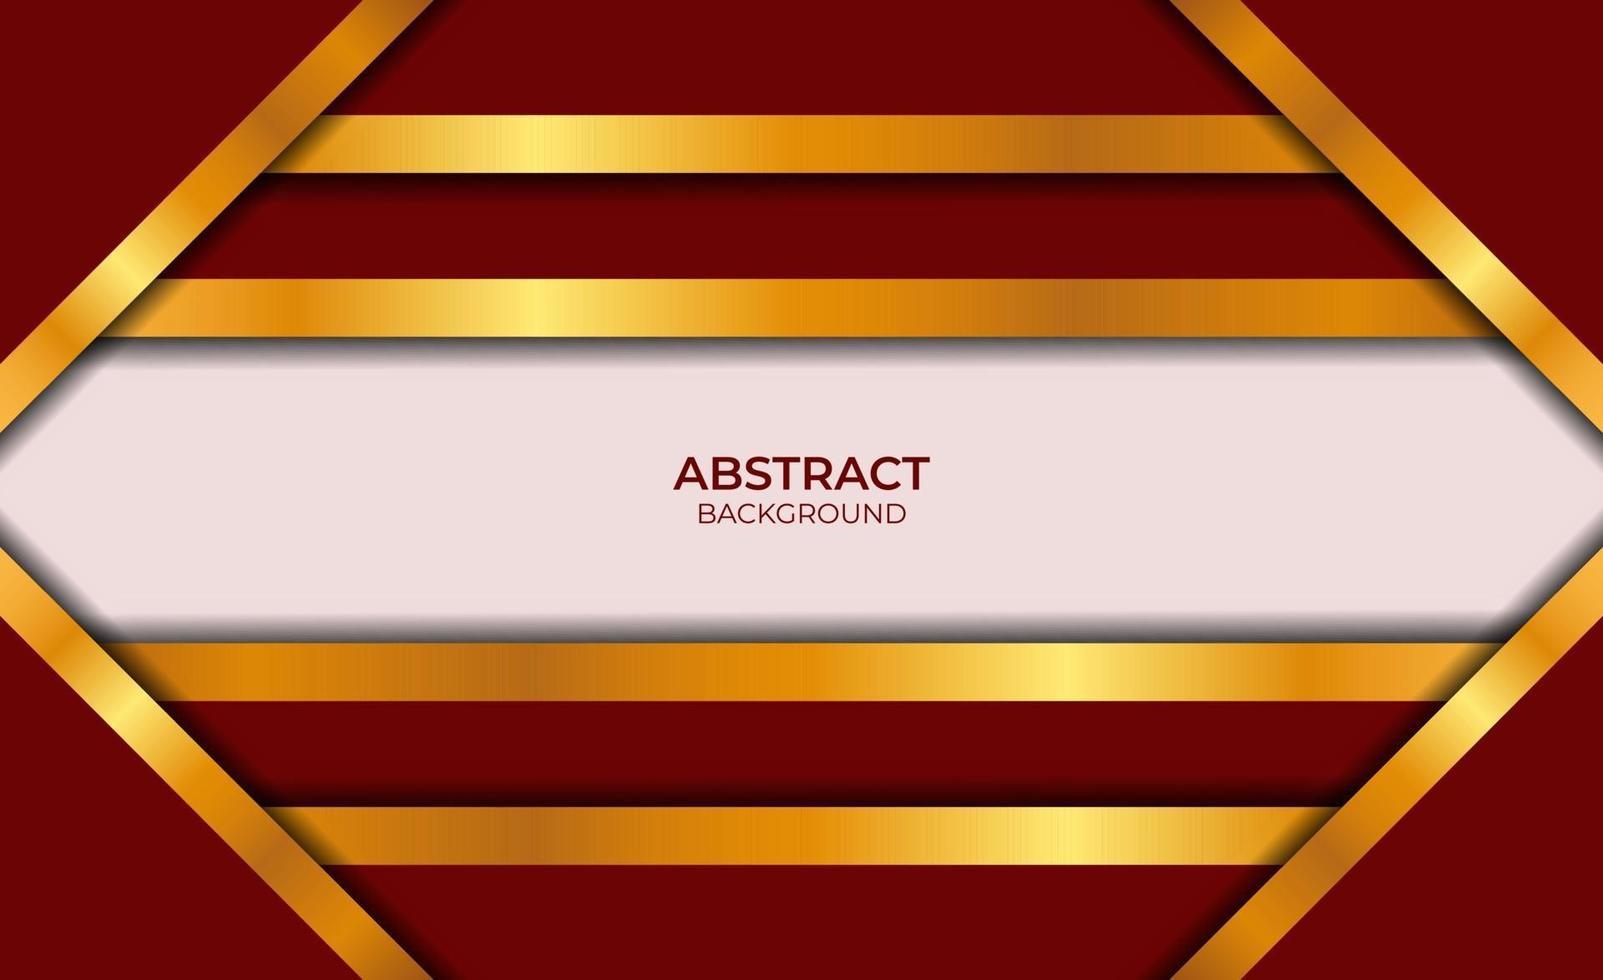 conception abstraite fond rouge et or vecteur